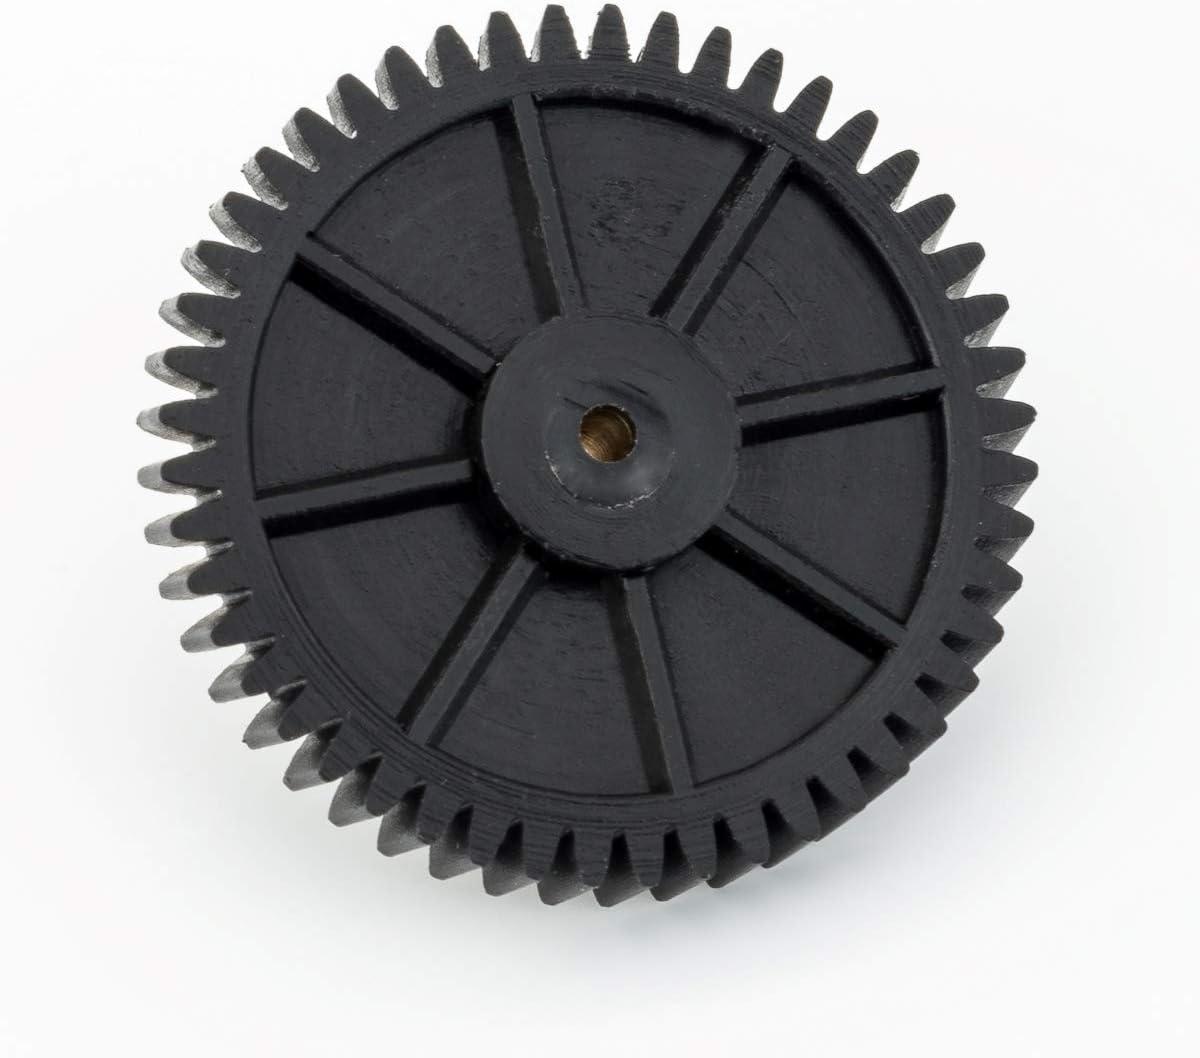 LST Heckscheiben Sonnenschutzrollo Motor Reparatursatz Zahnrad 190 W201